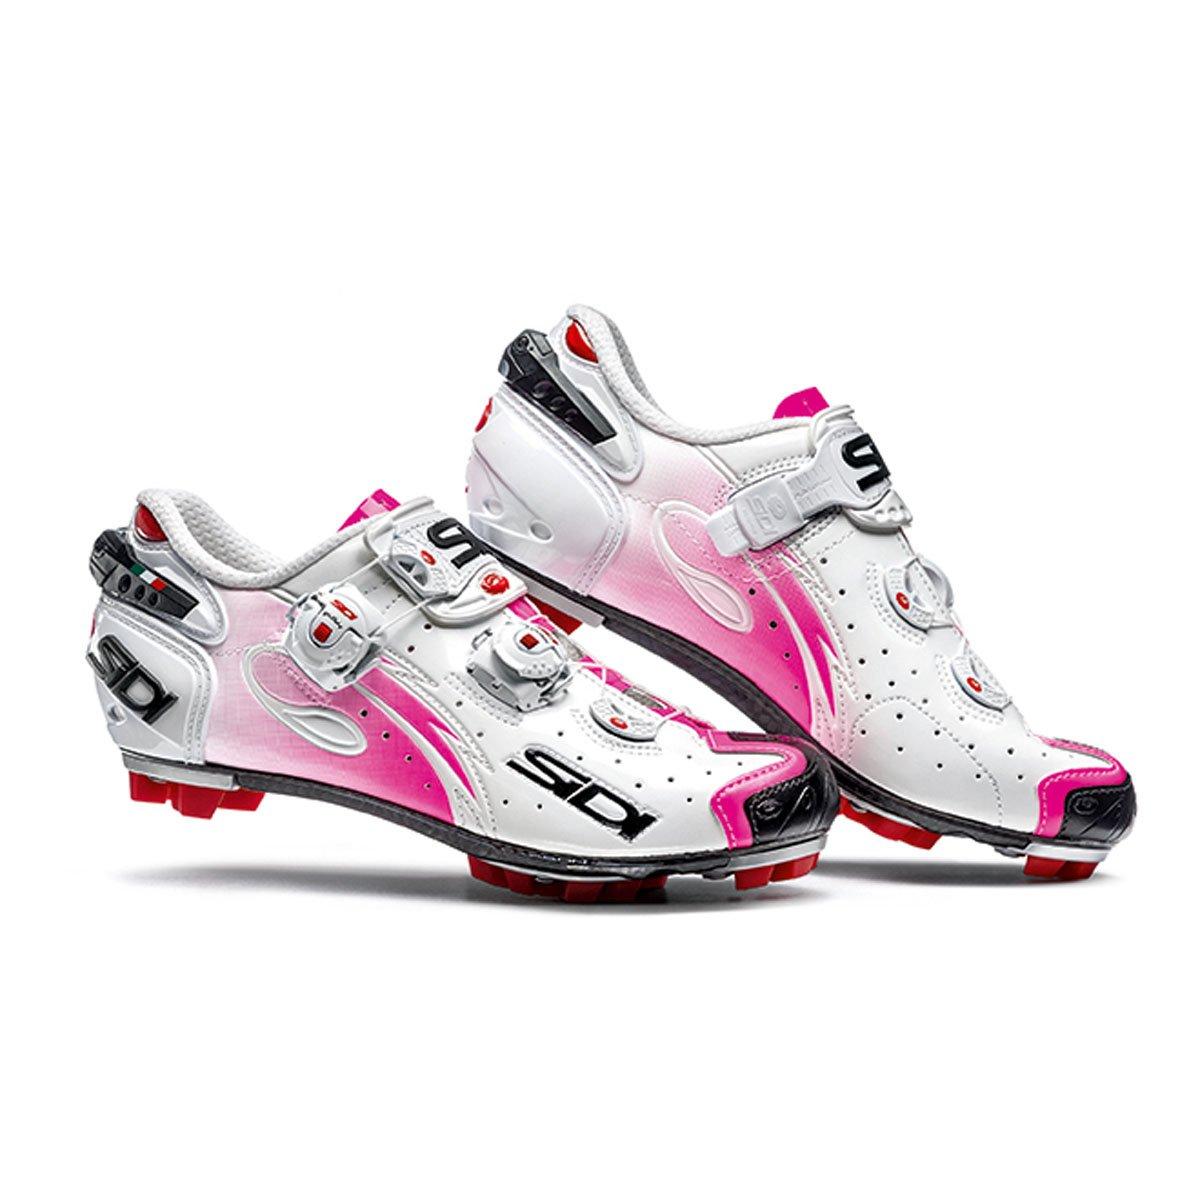 Sidi メンズ SMS-DRW-BKLB-39 B01CF4L9ZS 39 EU|White/Pink Fluo White/Pink Fluo 39 EU